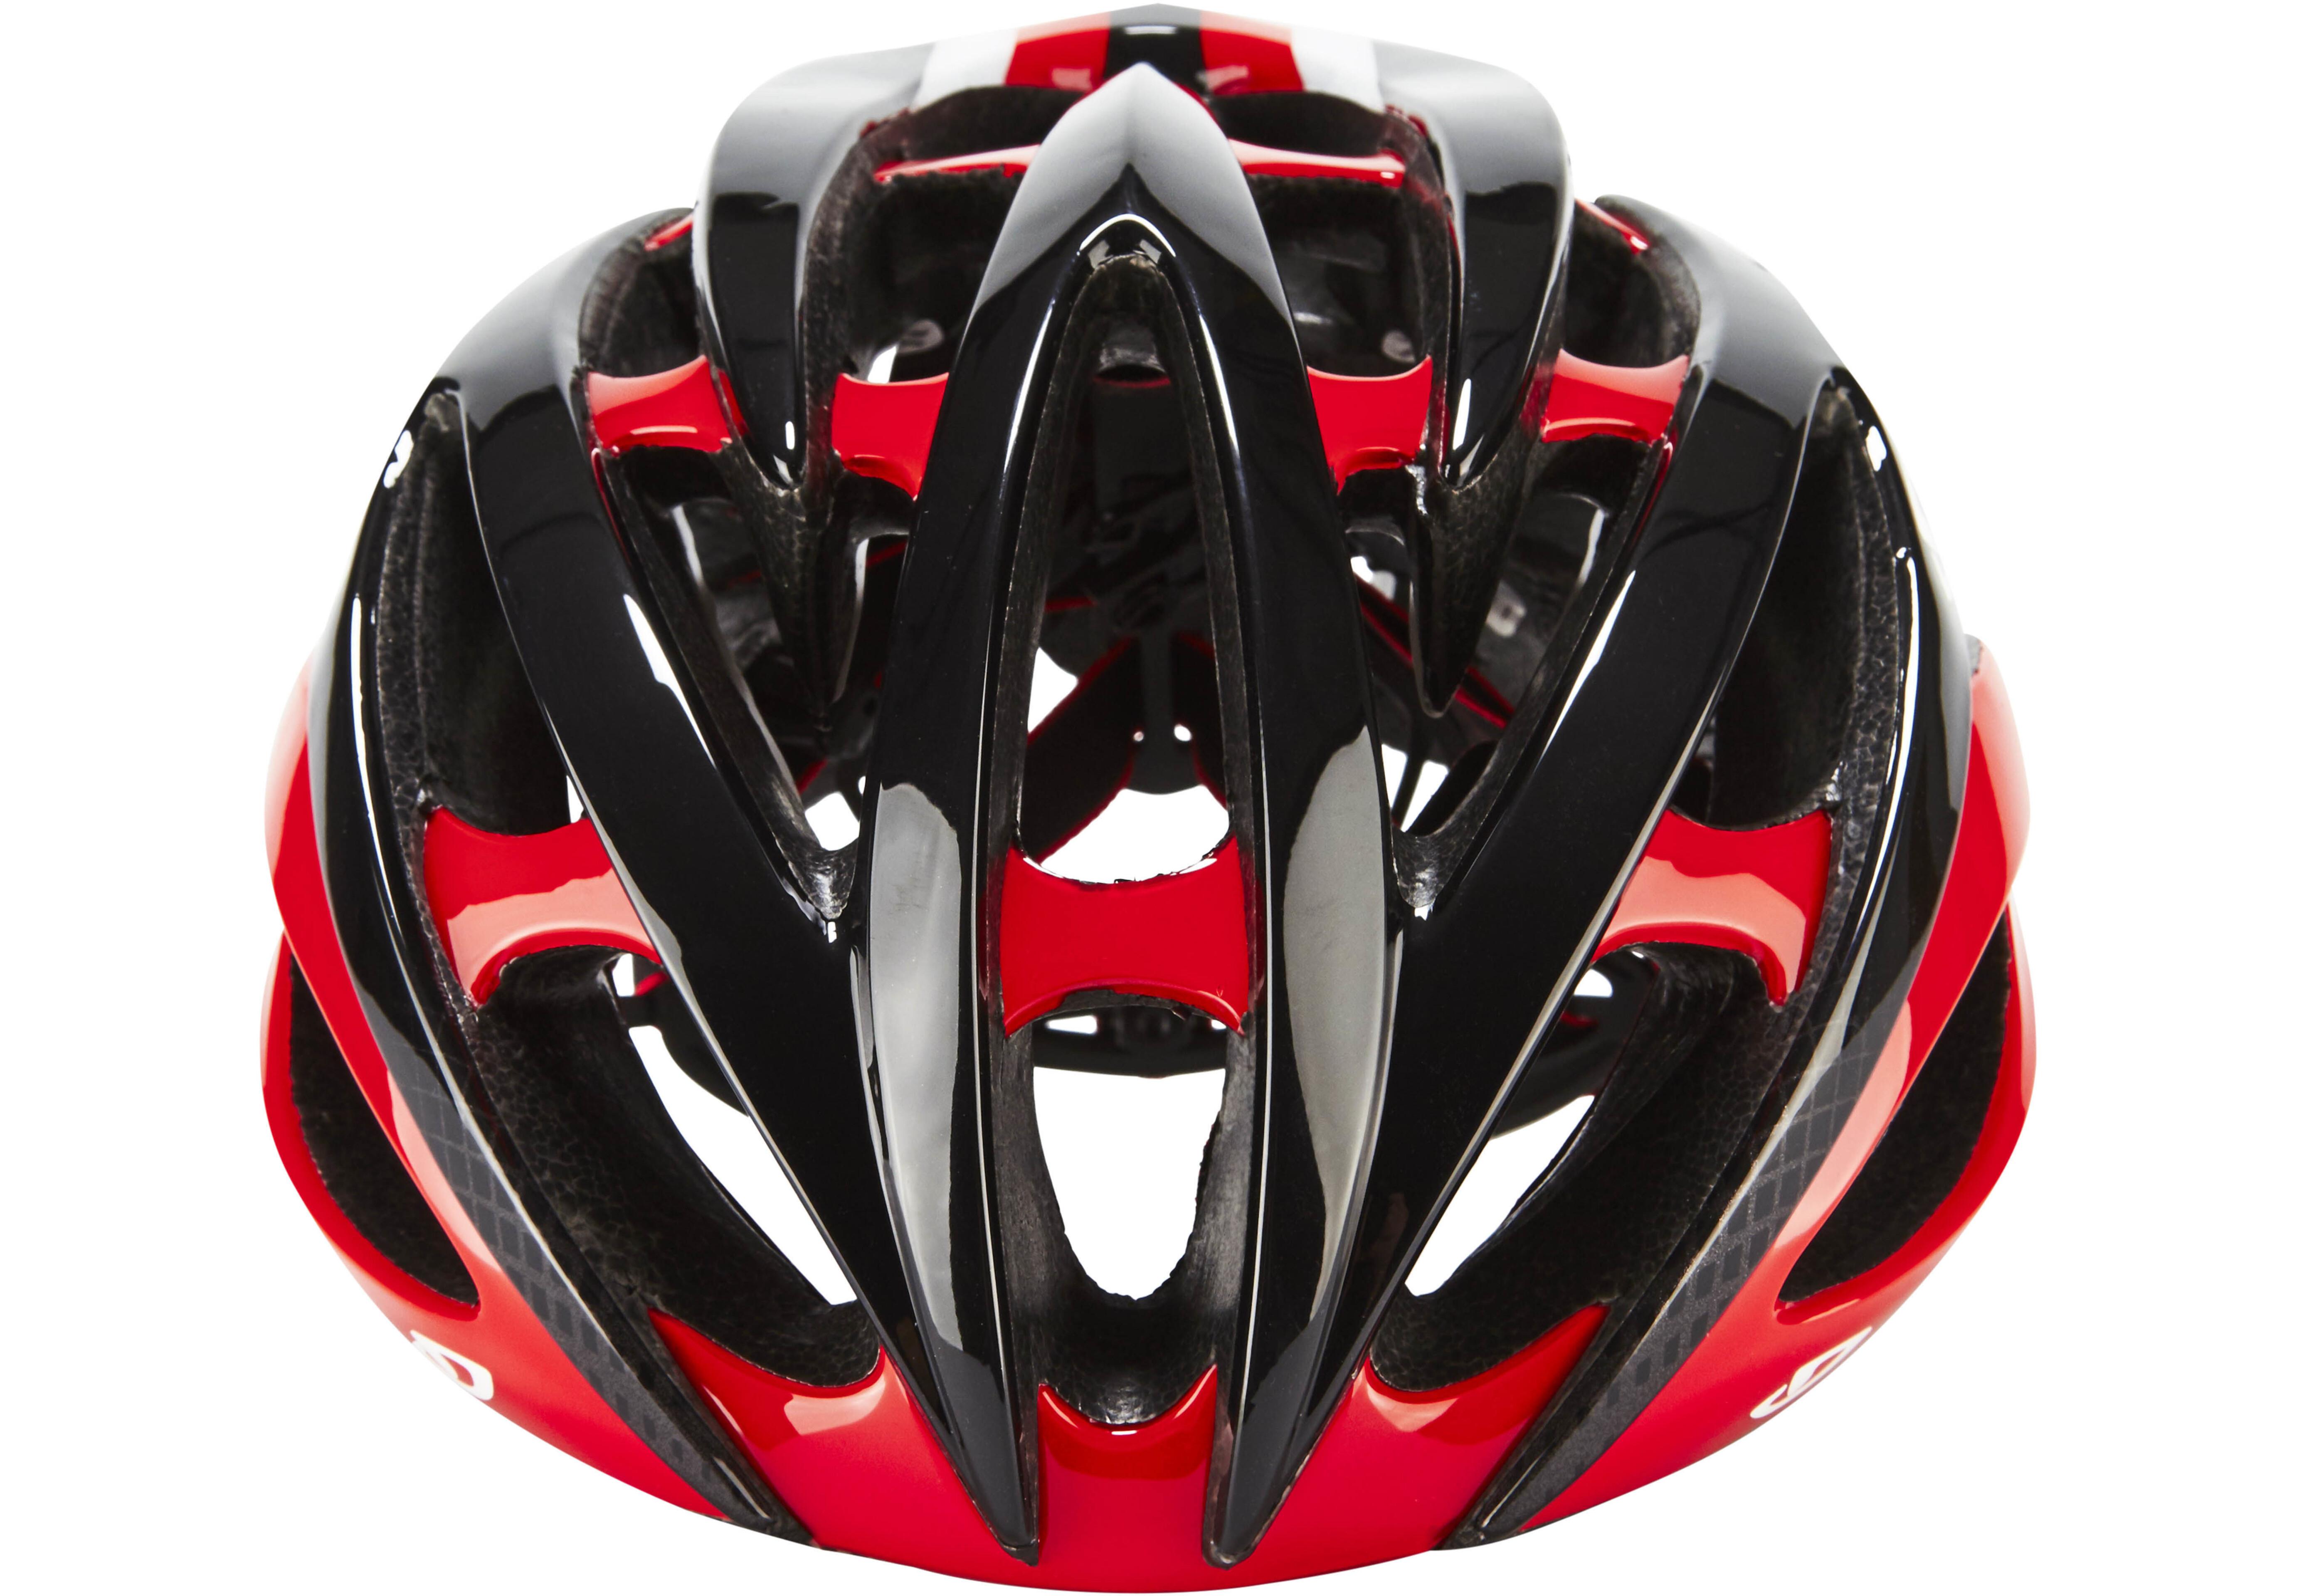 7e22420653ee4 Giro Atmos II - Casco de bicicleta - rojo negro